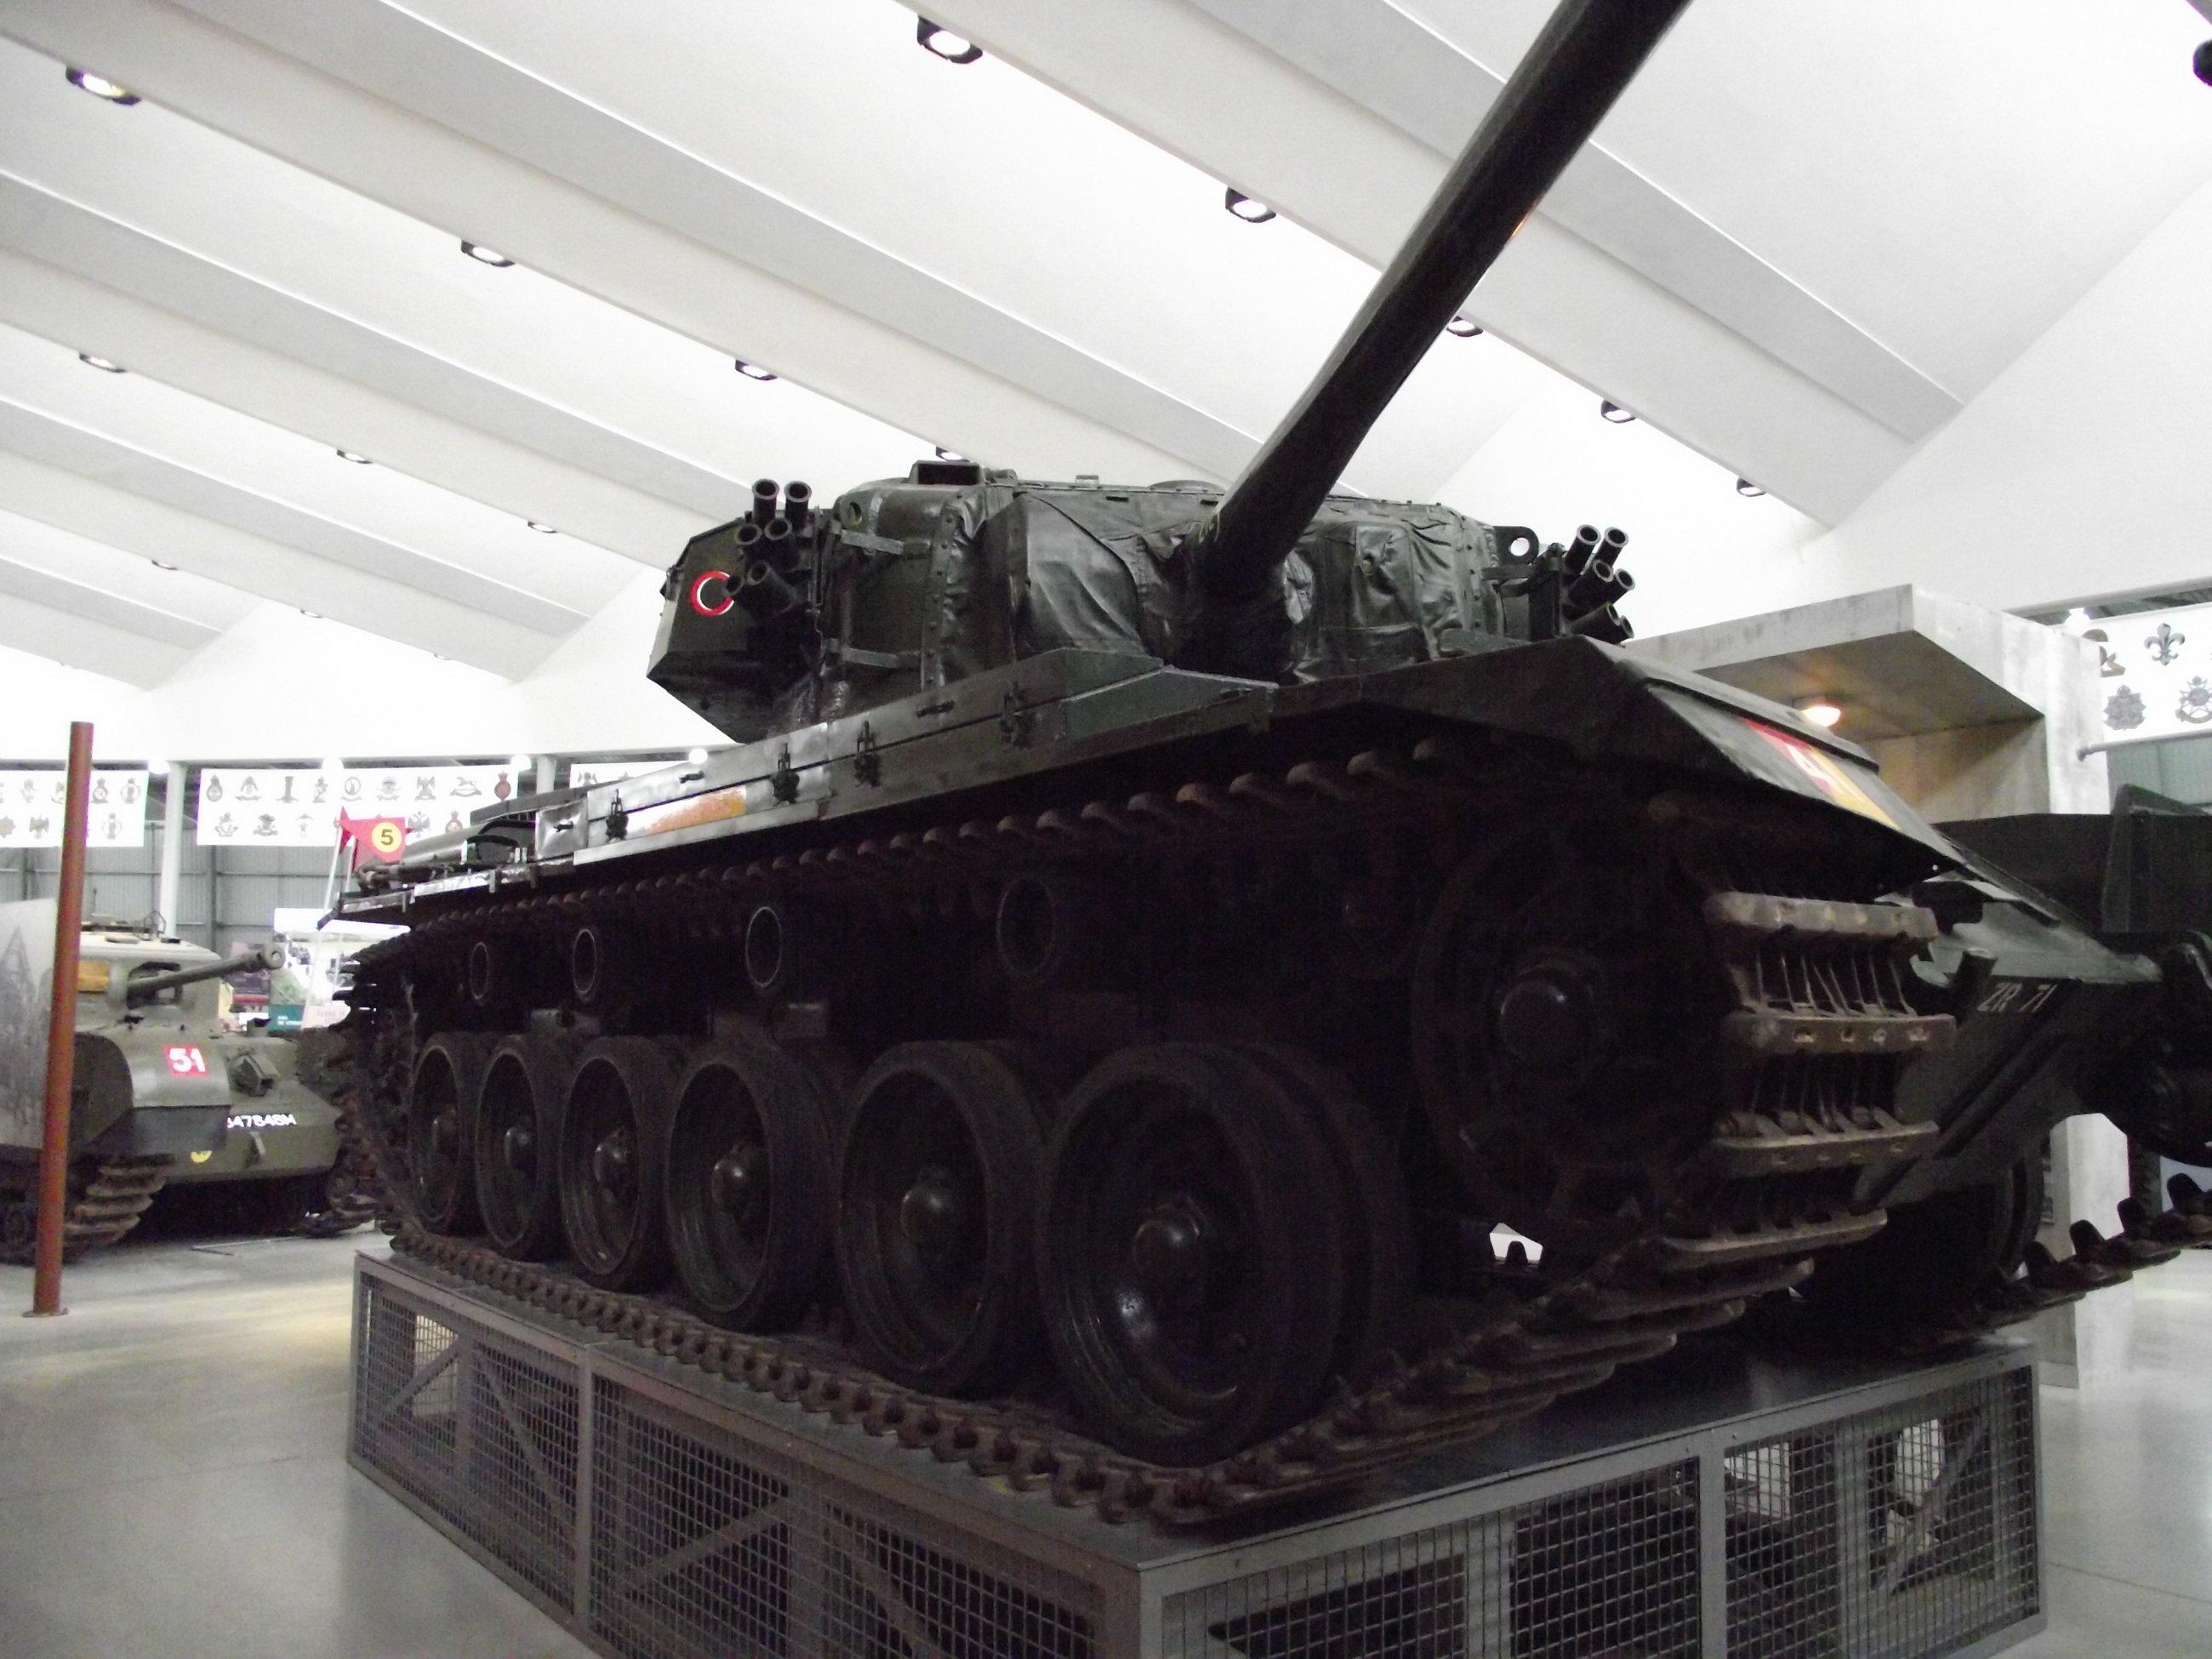 Tank_Museum_20180919_770.jpg